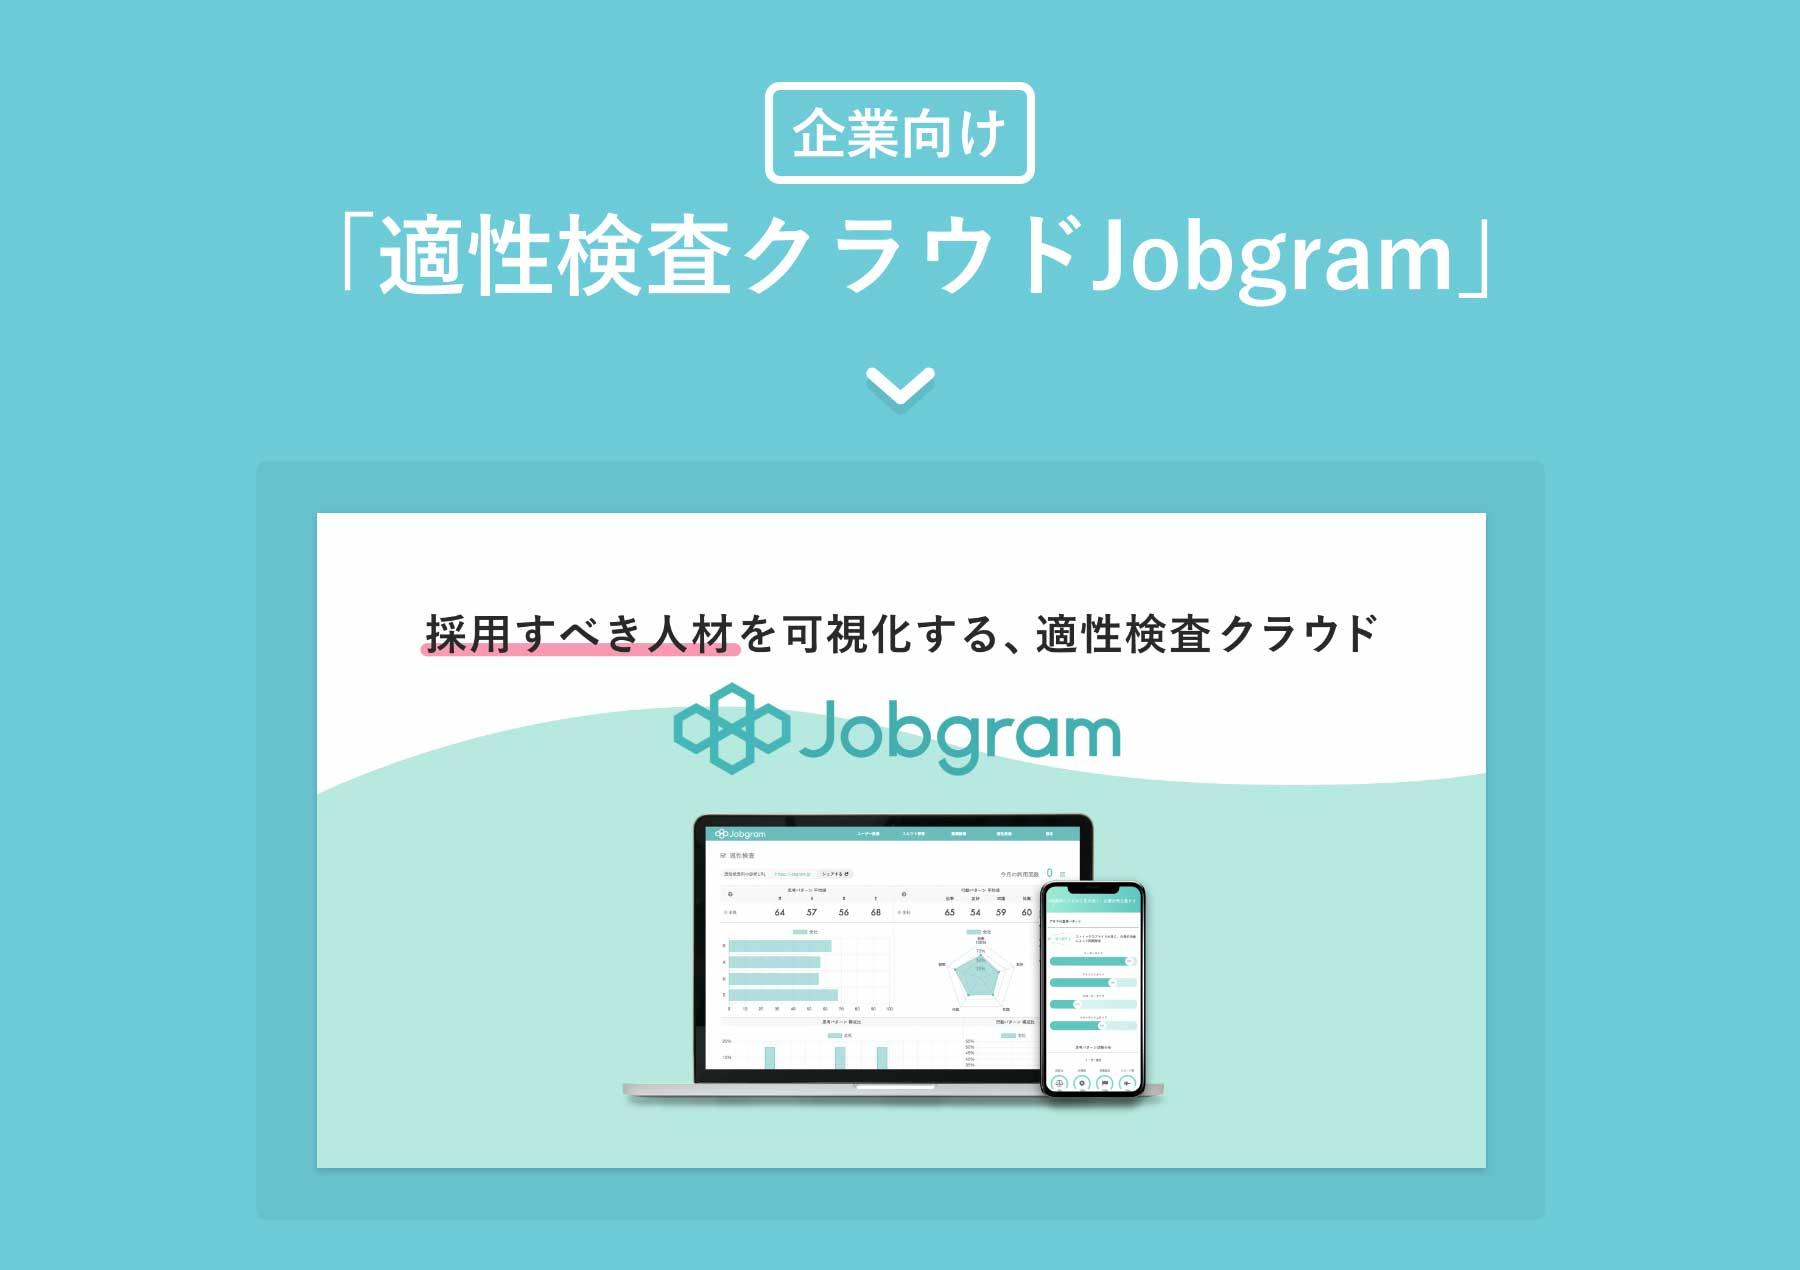 企業向け適性検査クラウドJobgramも提供